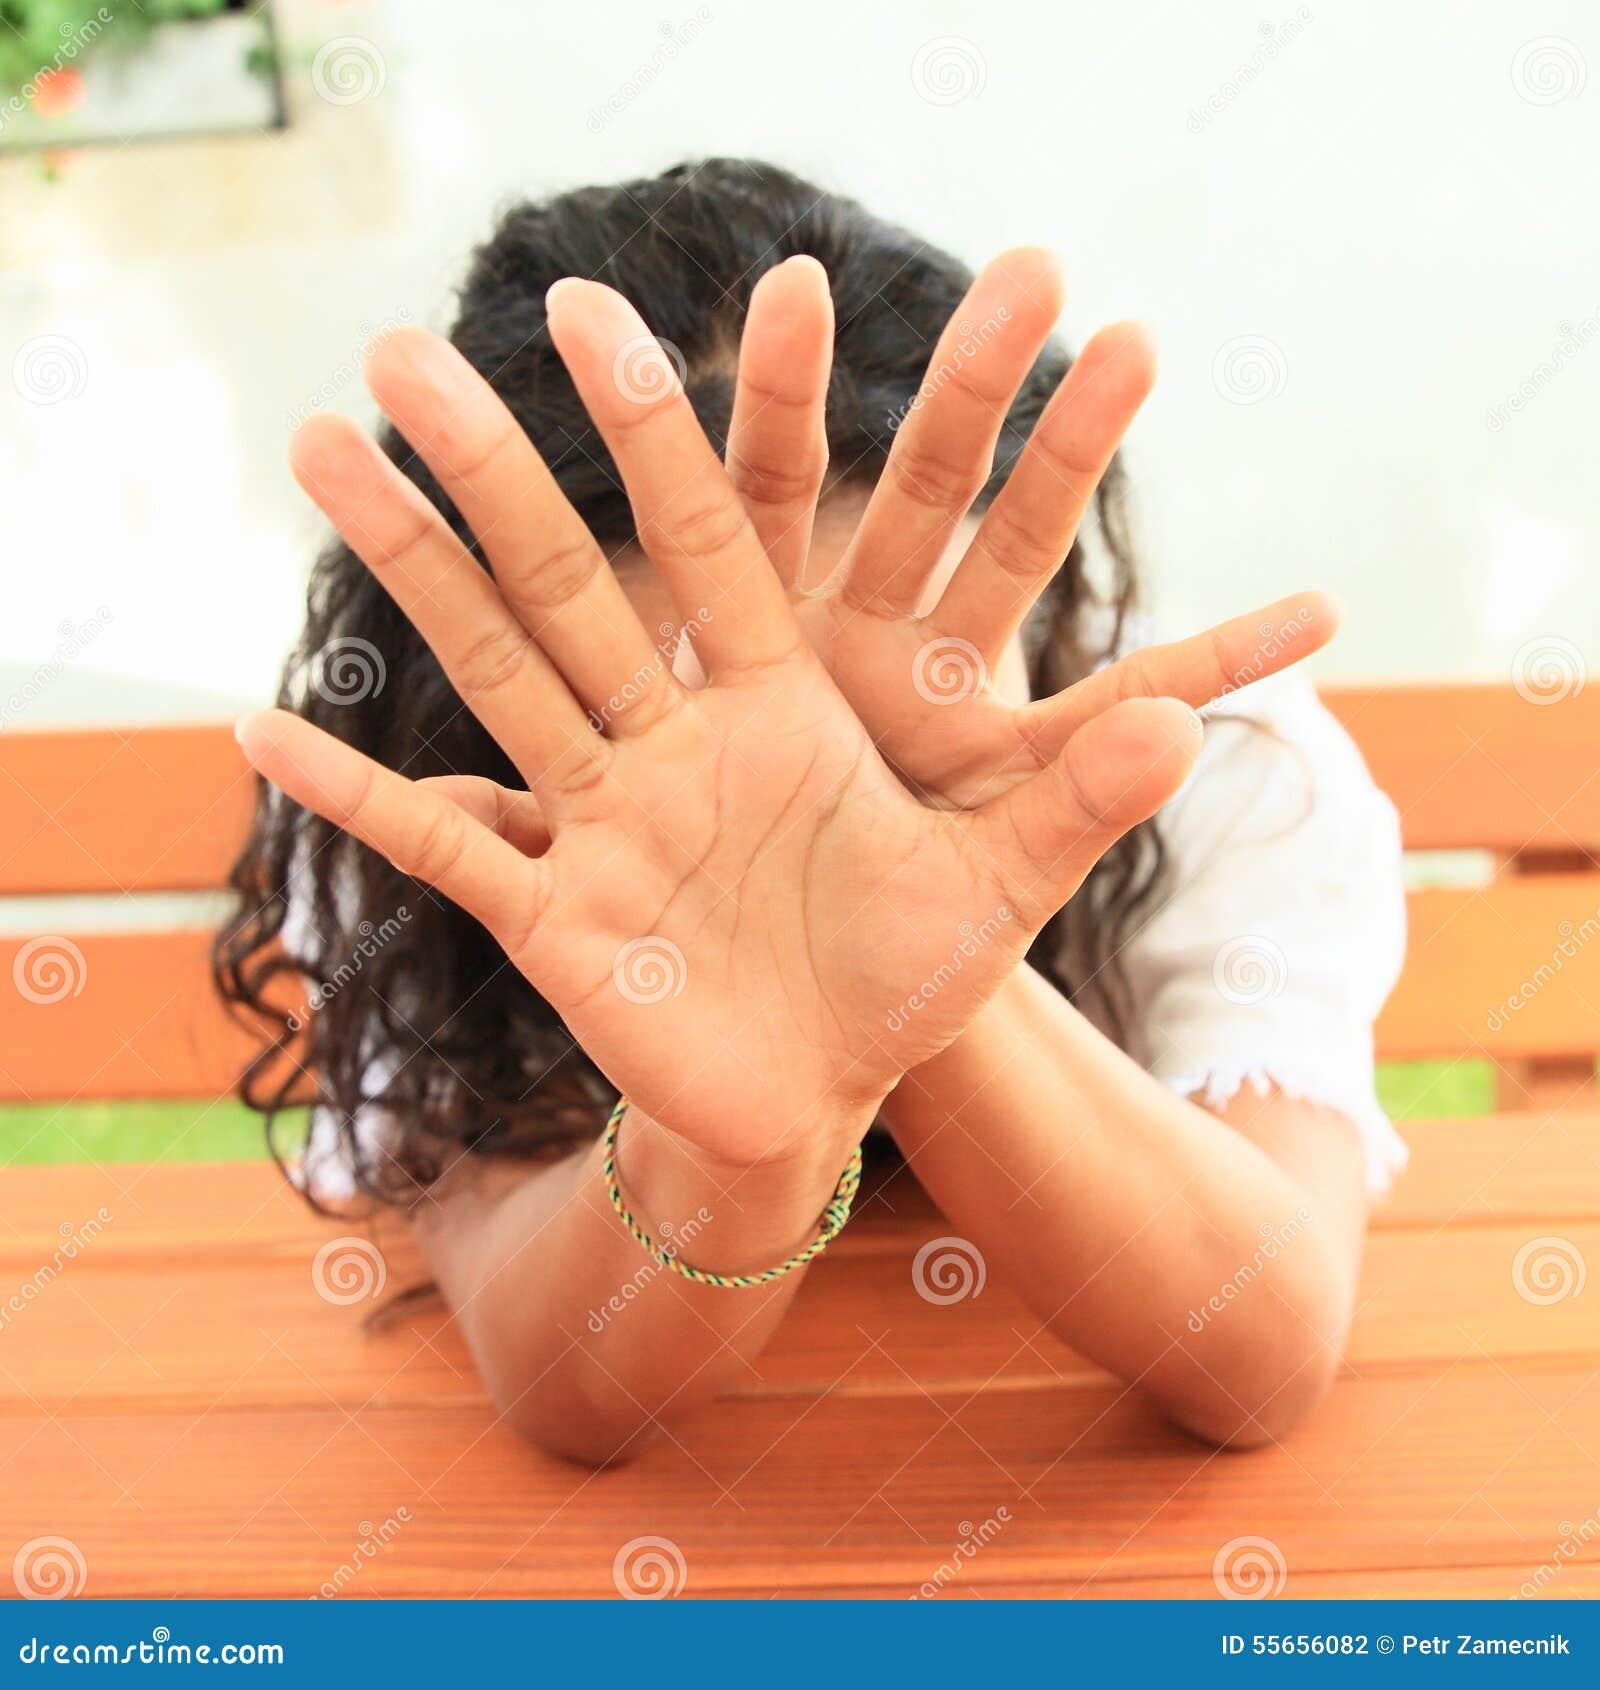 Bak flicka hands nederlag